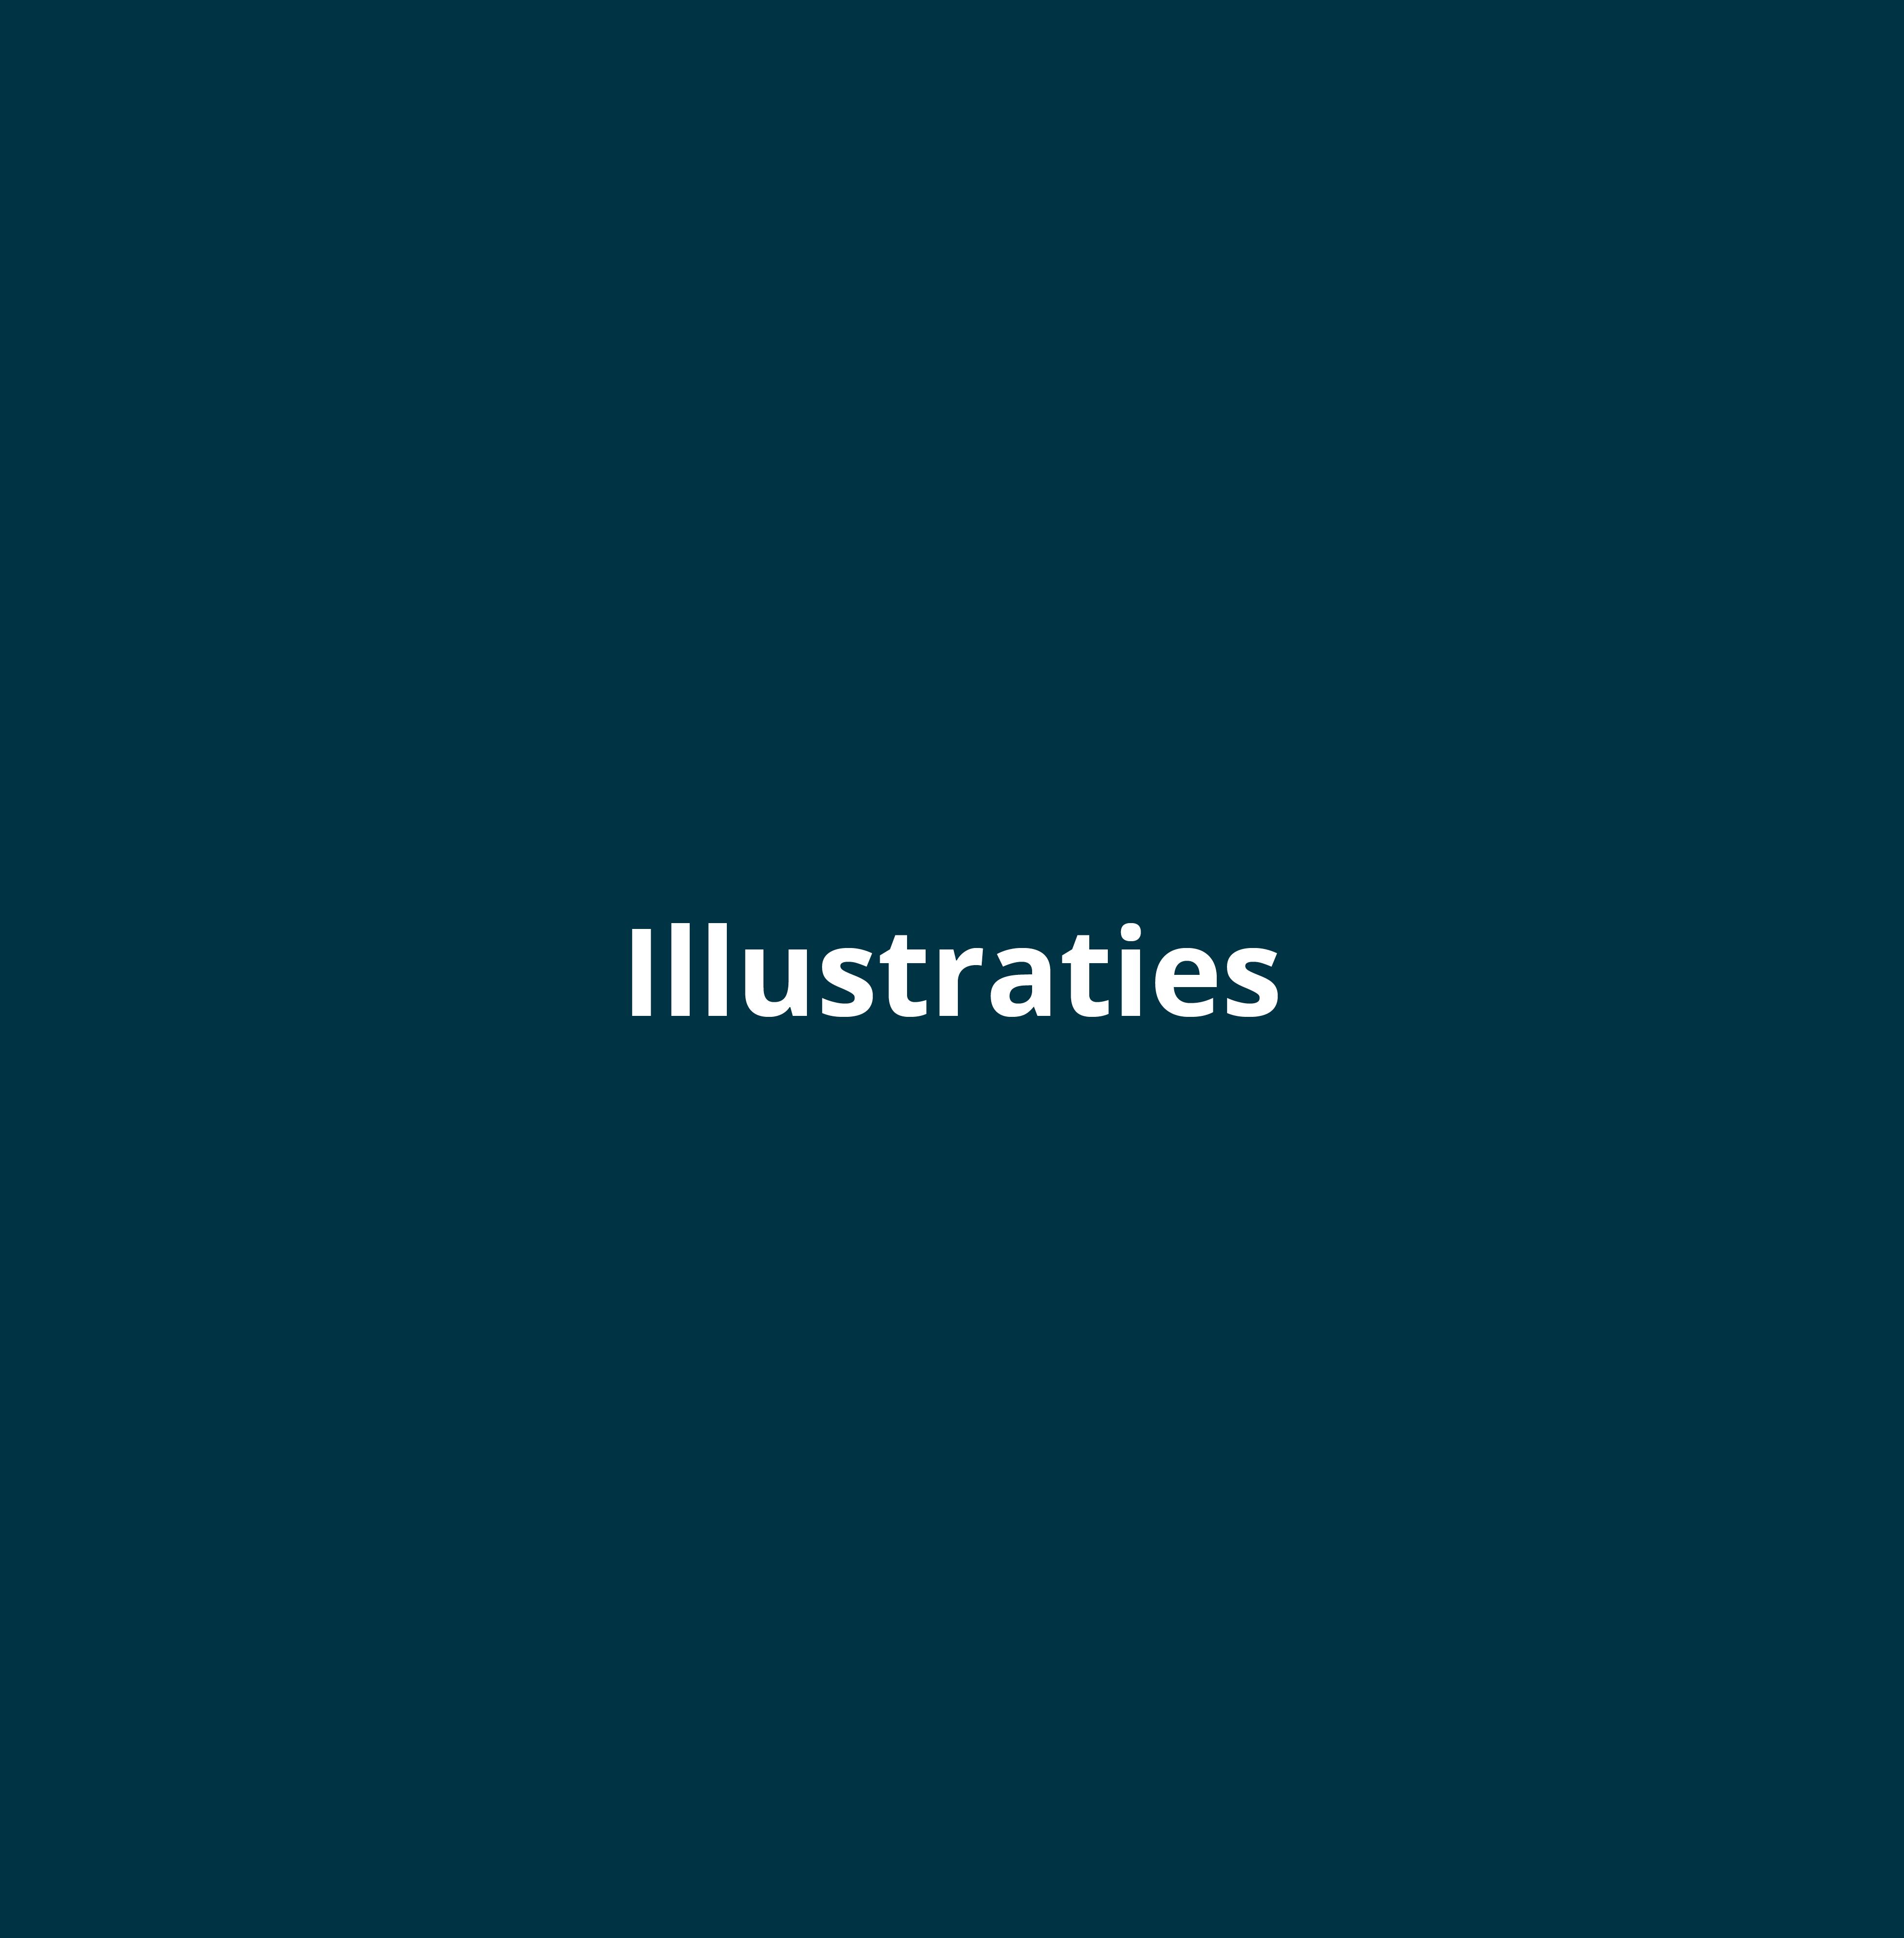 Ontwerp laten maken voor illustraties